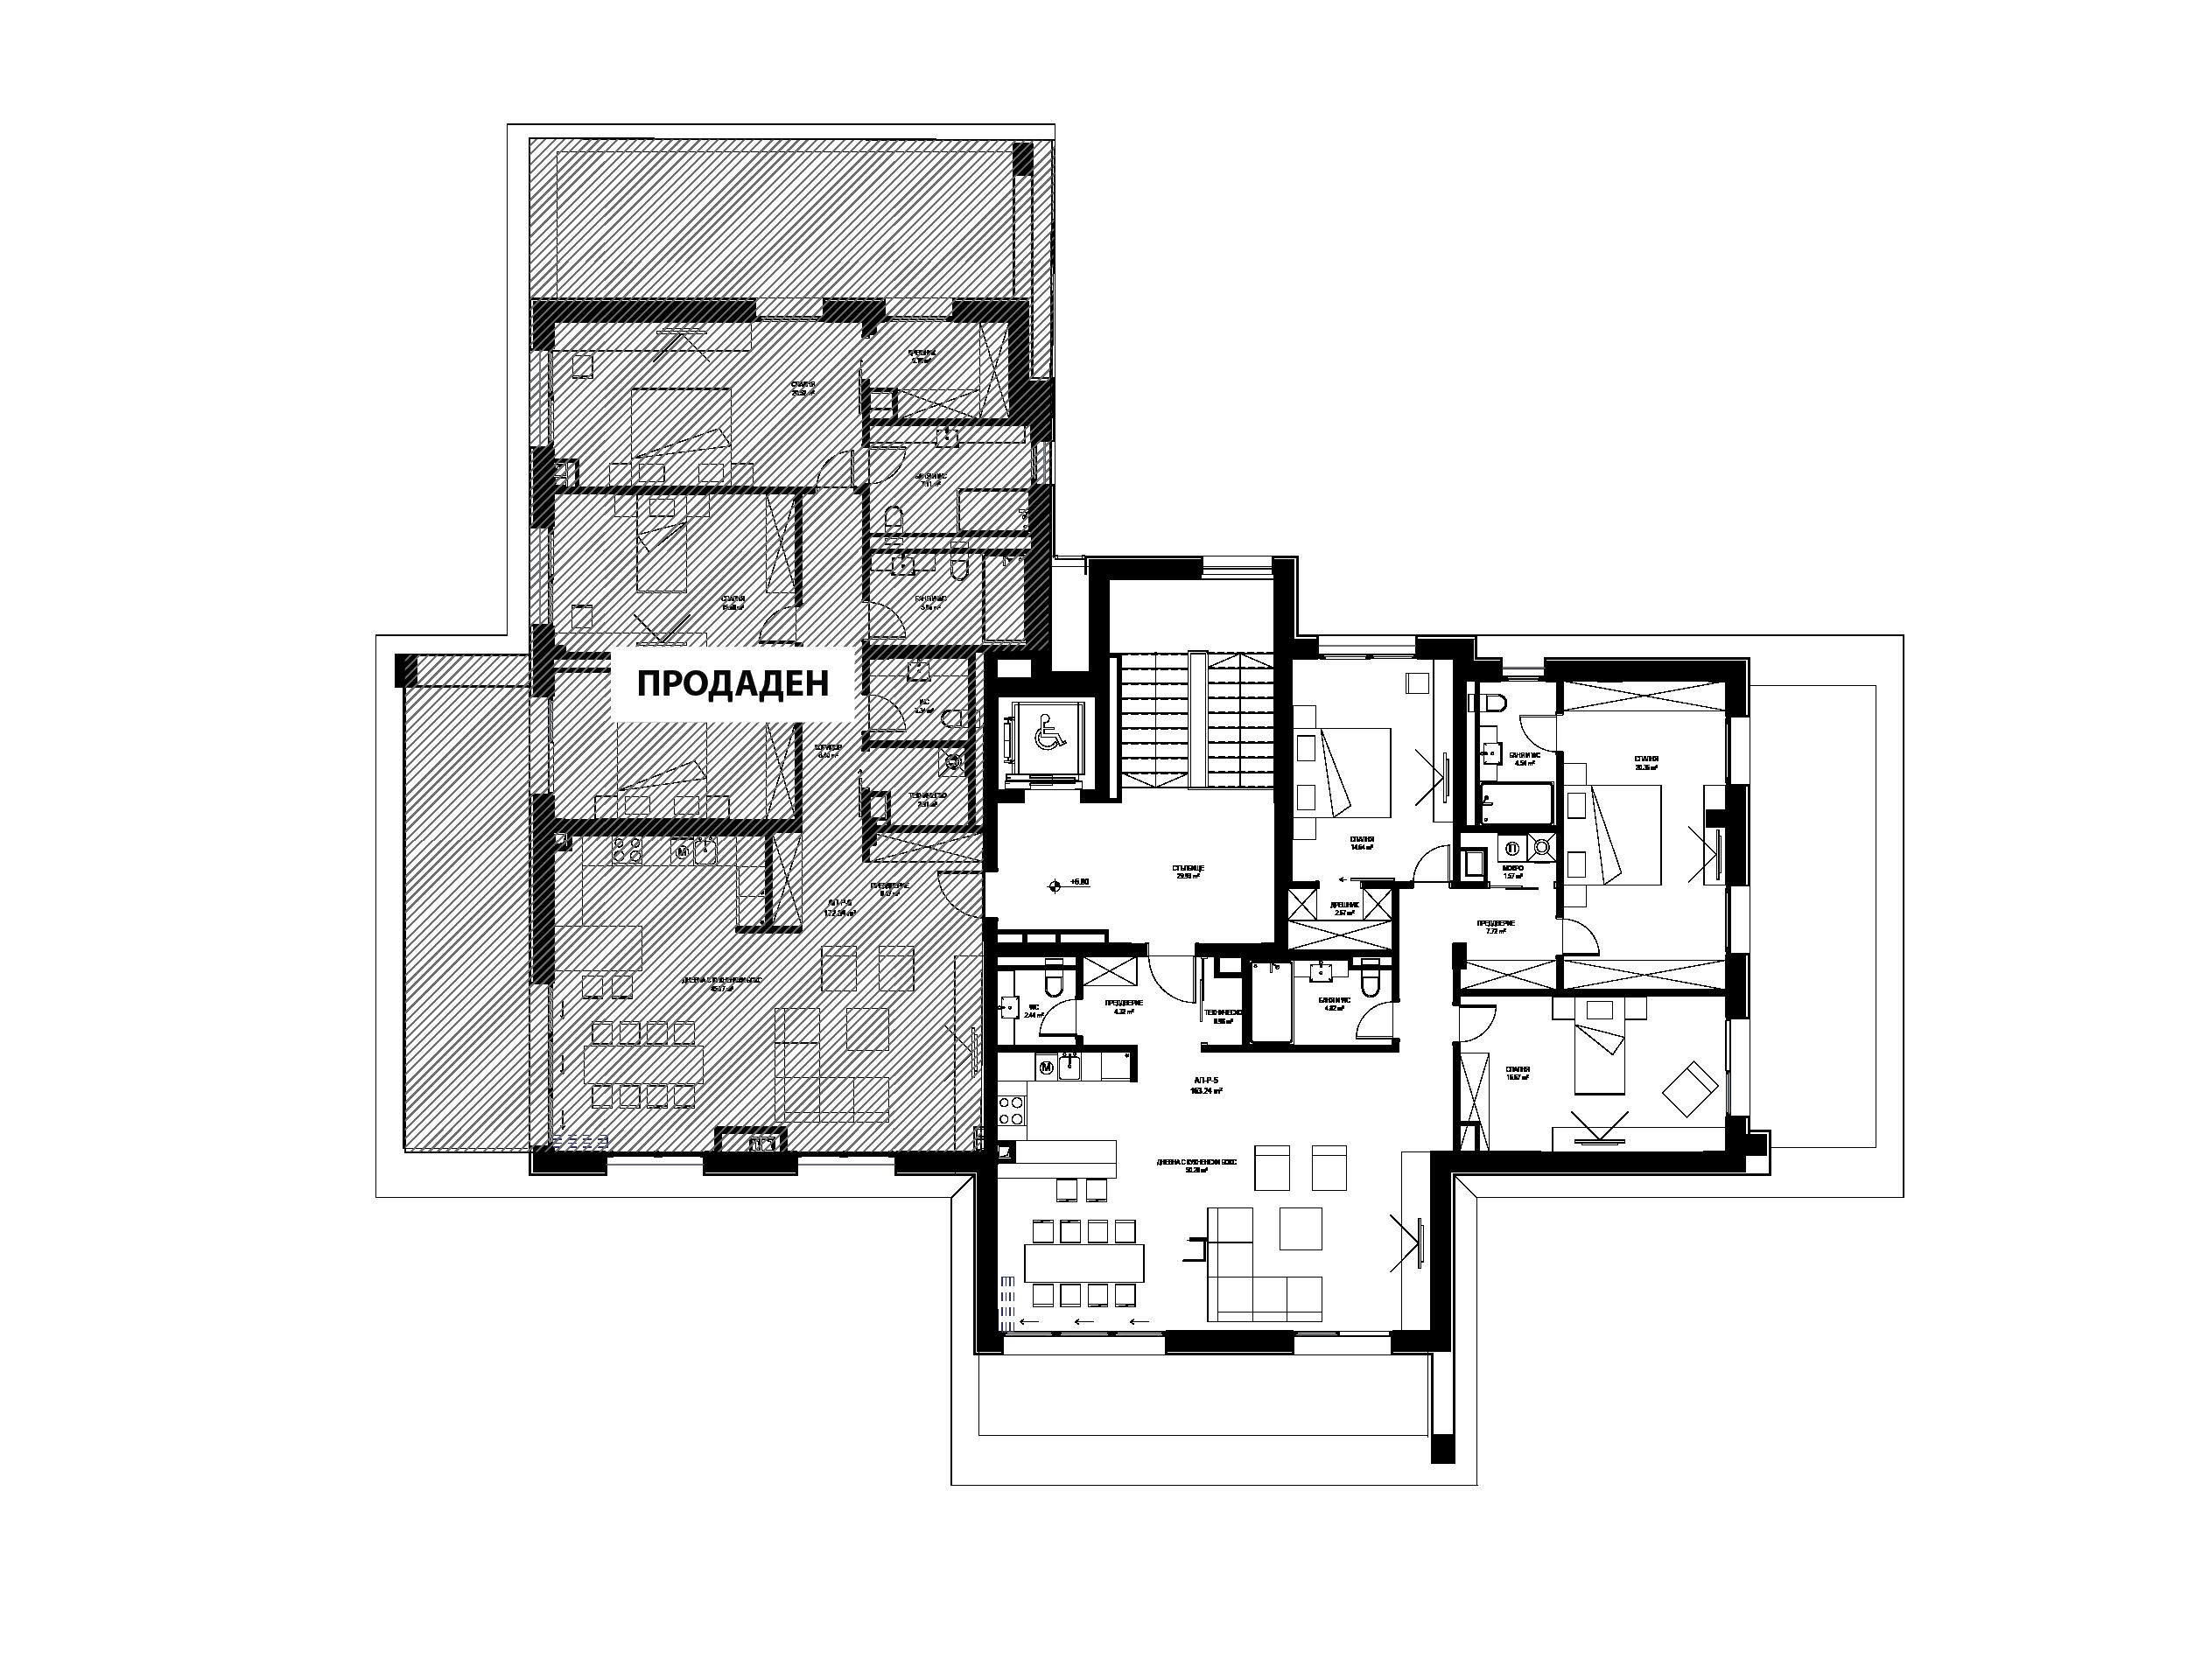 R – Етаж 3 1